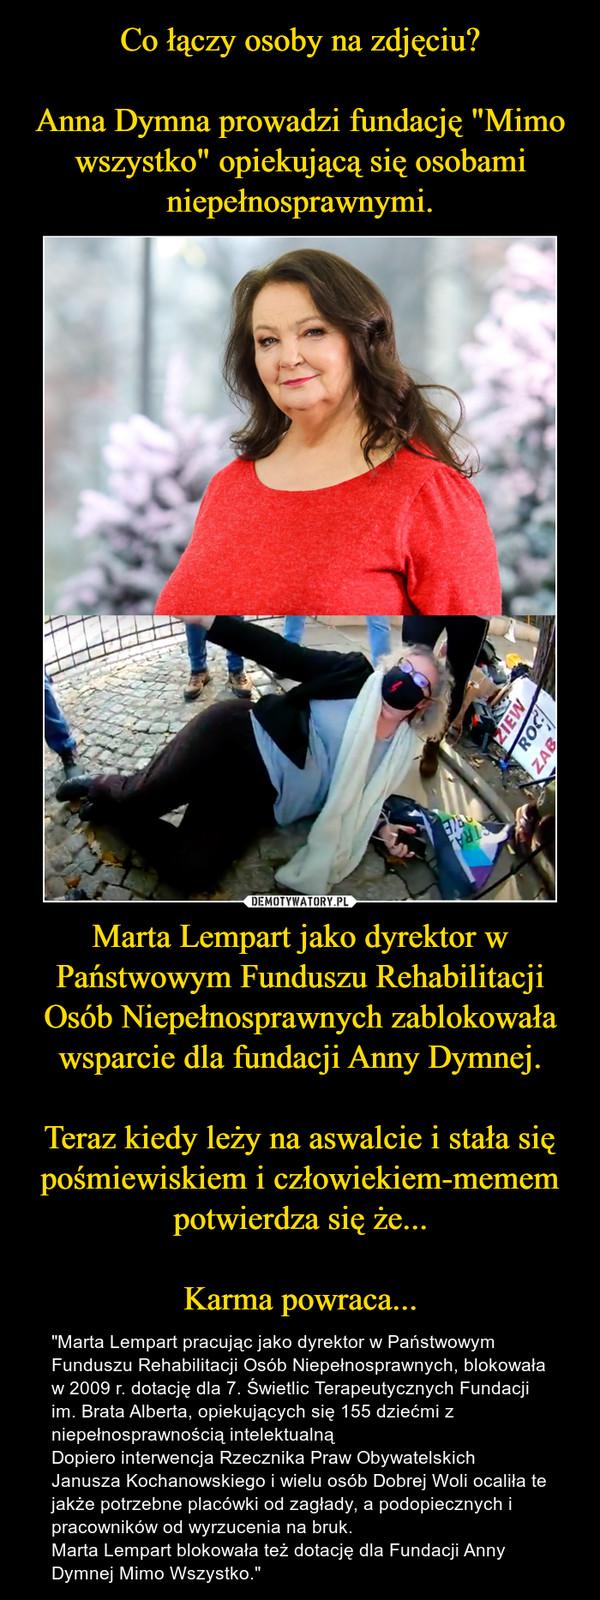 """Marta Lempart jako dyrektor w Państwowym Funduszu Rehabilitacji Osób Niepełnosprawnych zablokowała wsparcie dla fundacji Anny Dymnej.Teraz kiedy leży na aswalcie i stała się pośmiewiskiem i człowiekiem-memem potwierdza się że...Karma powraca... – """"Marta Lempart pracując jako dyrektor w Państwowym Funduszu Rehabilitacji Osób Niepełnosprawnych, blokowała w 2009 r. dotację dla 7. Świetlic Terapeutycznych Fundacji im. Brata Alberta, opiekujących się 155 dziećmi z niepełnosprawnością intelektualnąDopiero interwencja Rzecznika Praw Obywatelskich  Janusza Kochanowskiego i wielu osób Dobrej Woli ocaliła te jakże potrzebne placówki od zagłady, a podopiecznych i pracowników od wyrzucenia na bruk.Marta Lempart blokowała też dotację dla Fundacji Anny Dymnej Mimo Wszystko."""""""